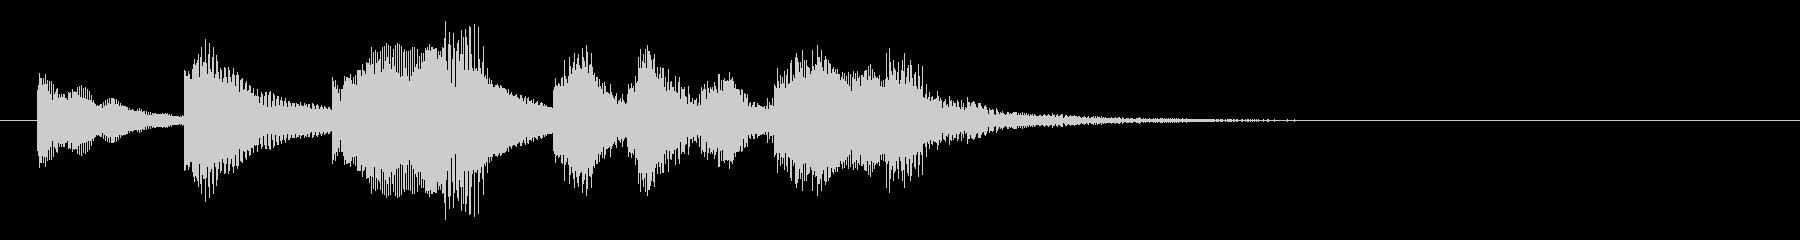 のほほんジングル027_勇ましい-3の未再生の波形